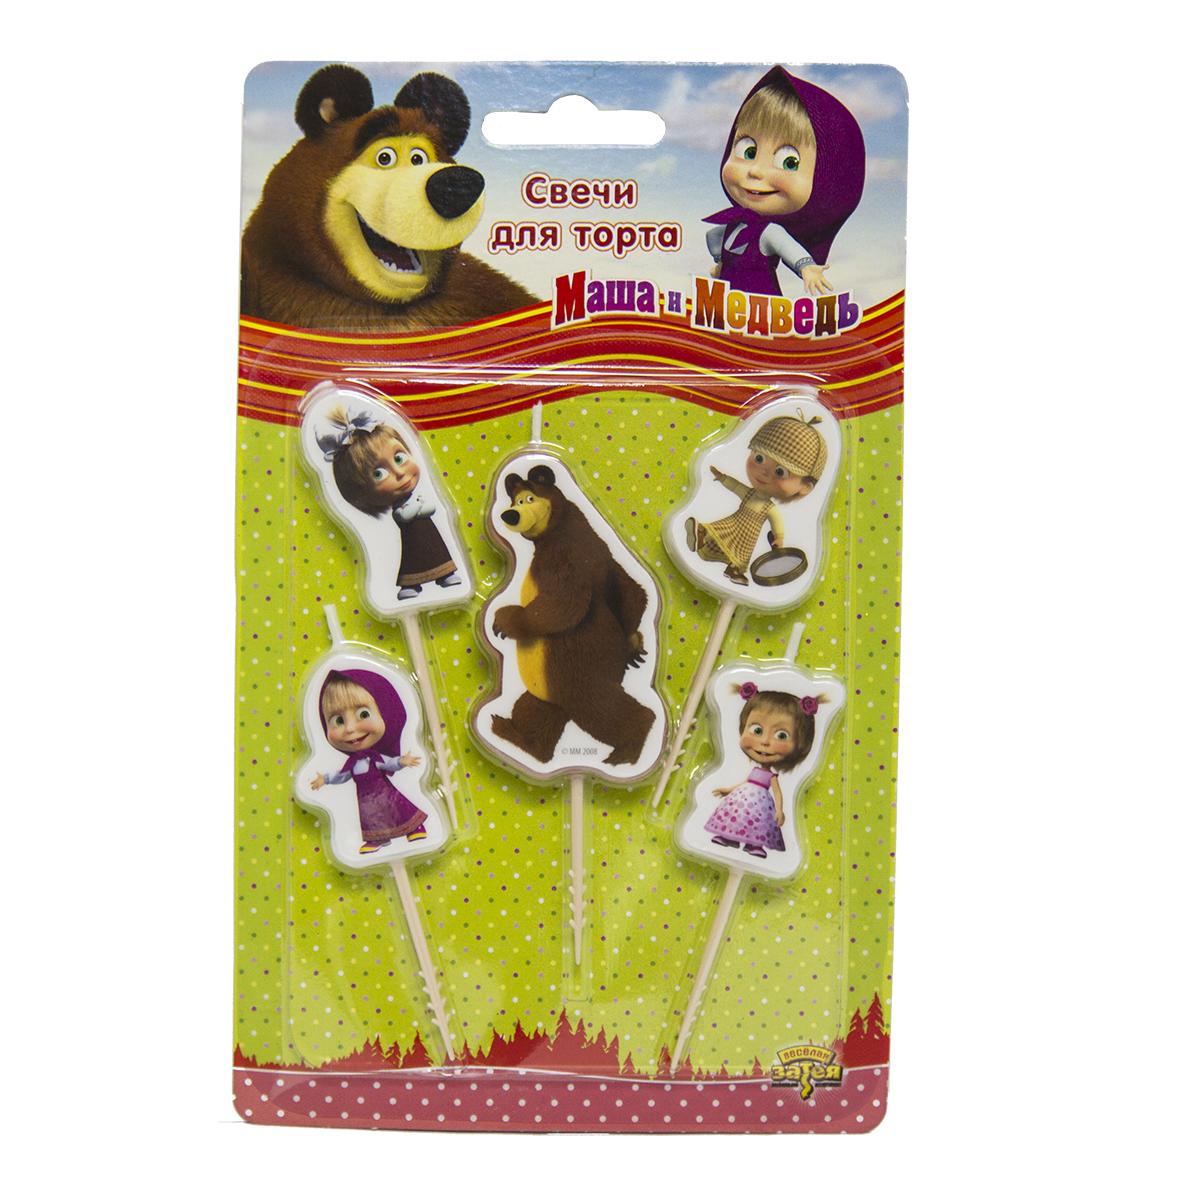 Маша и Медведь Свечи для торта на пиках 5 шт маша и медведь резинка для волос пружинки в цветовом дизайне 5 шт